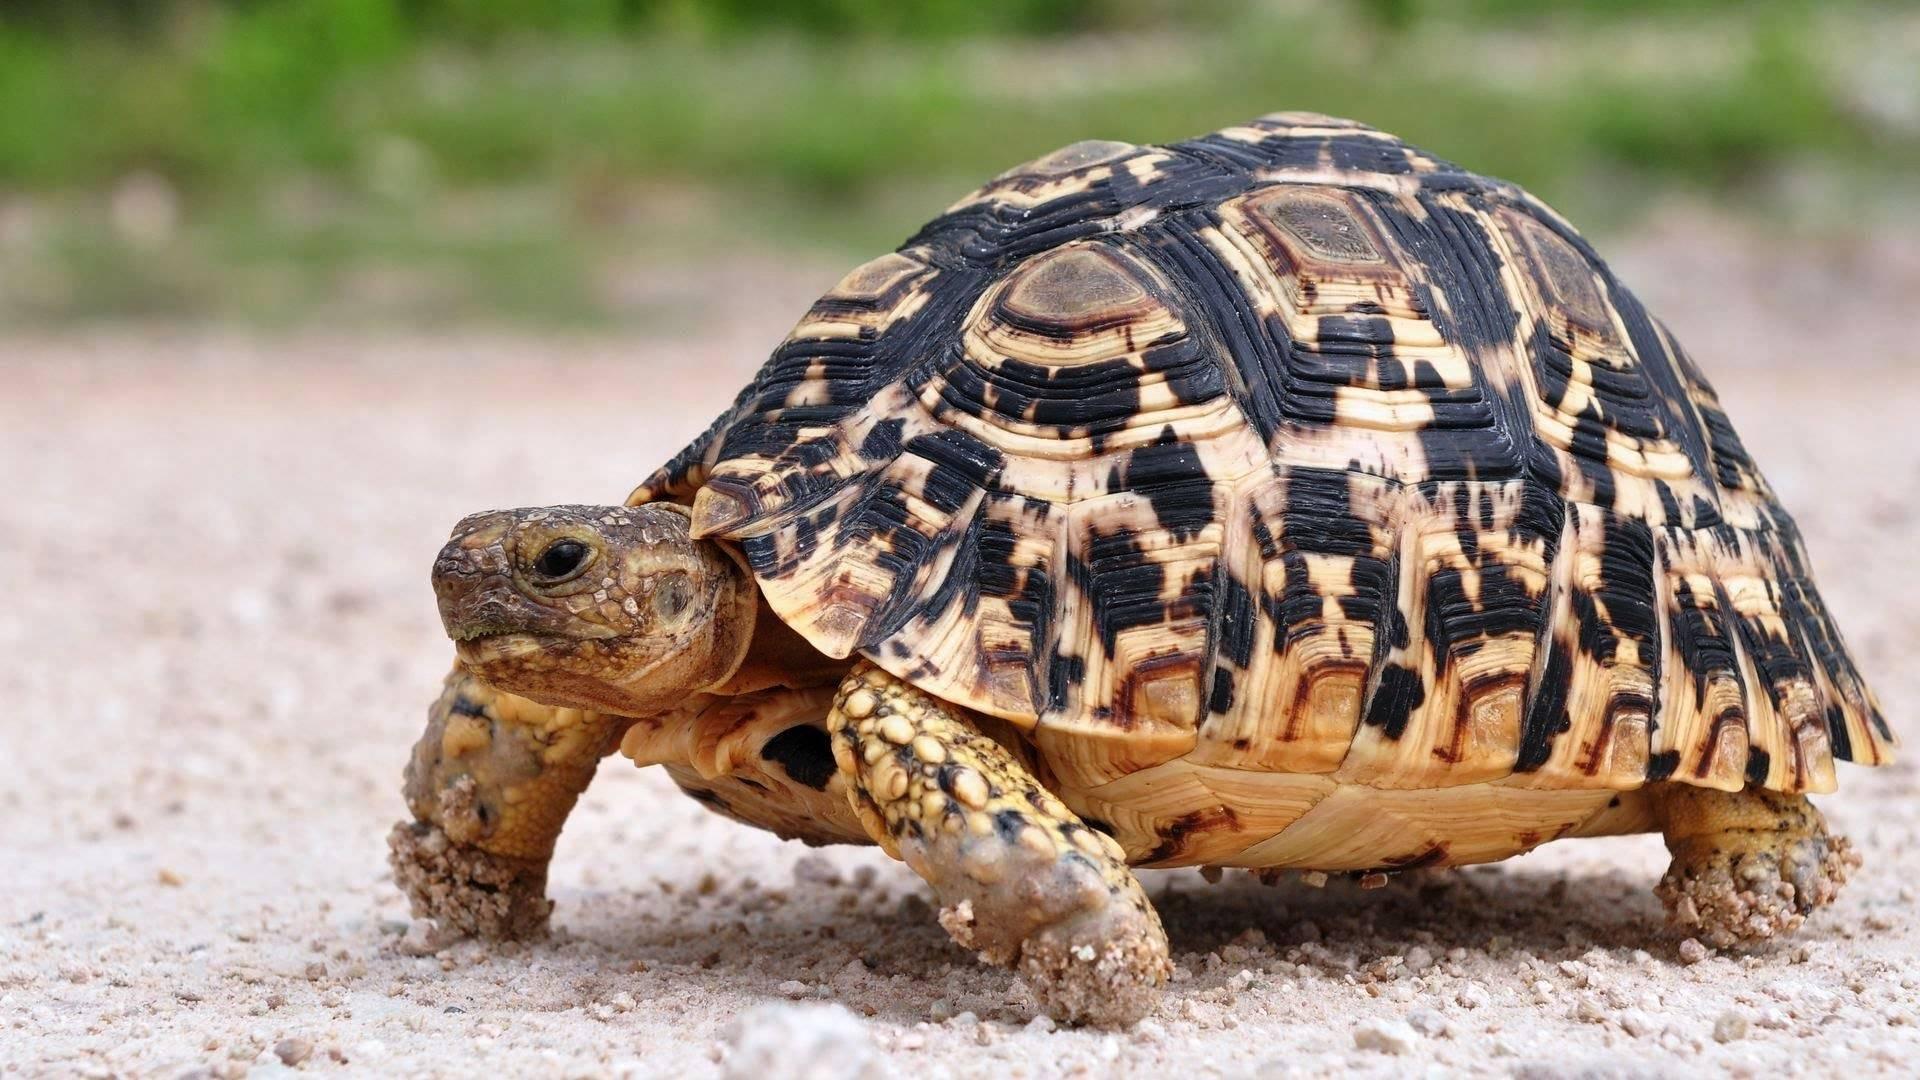 Раздвоенный язык илистой черепахи